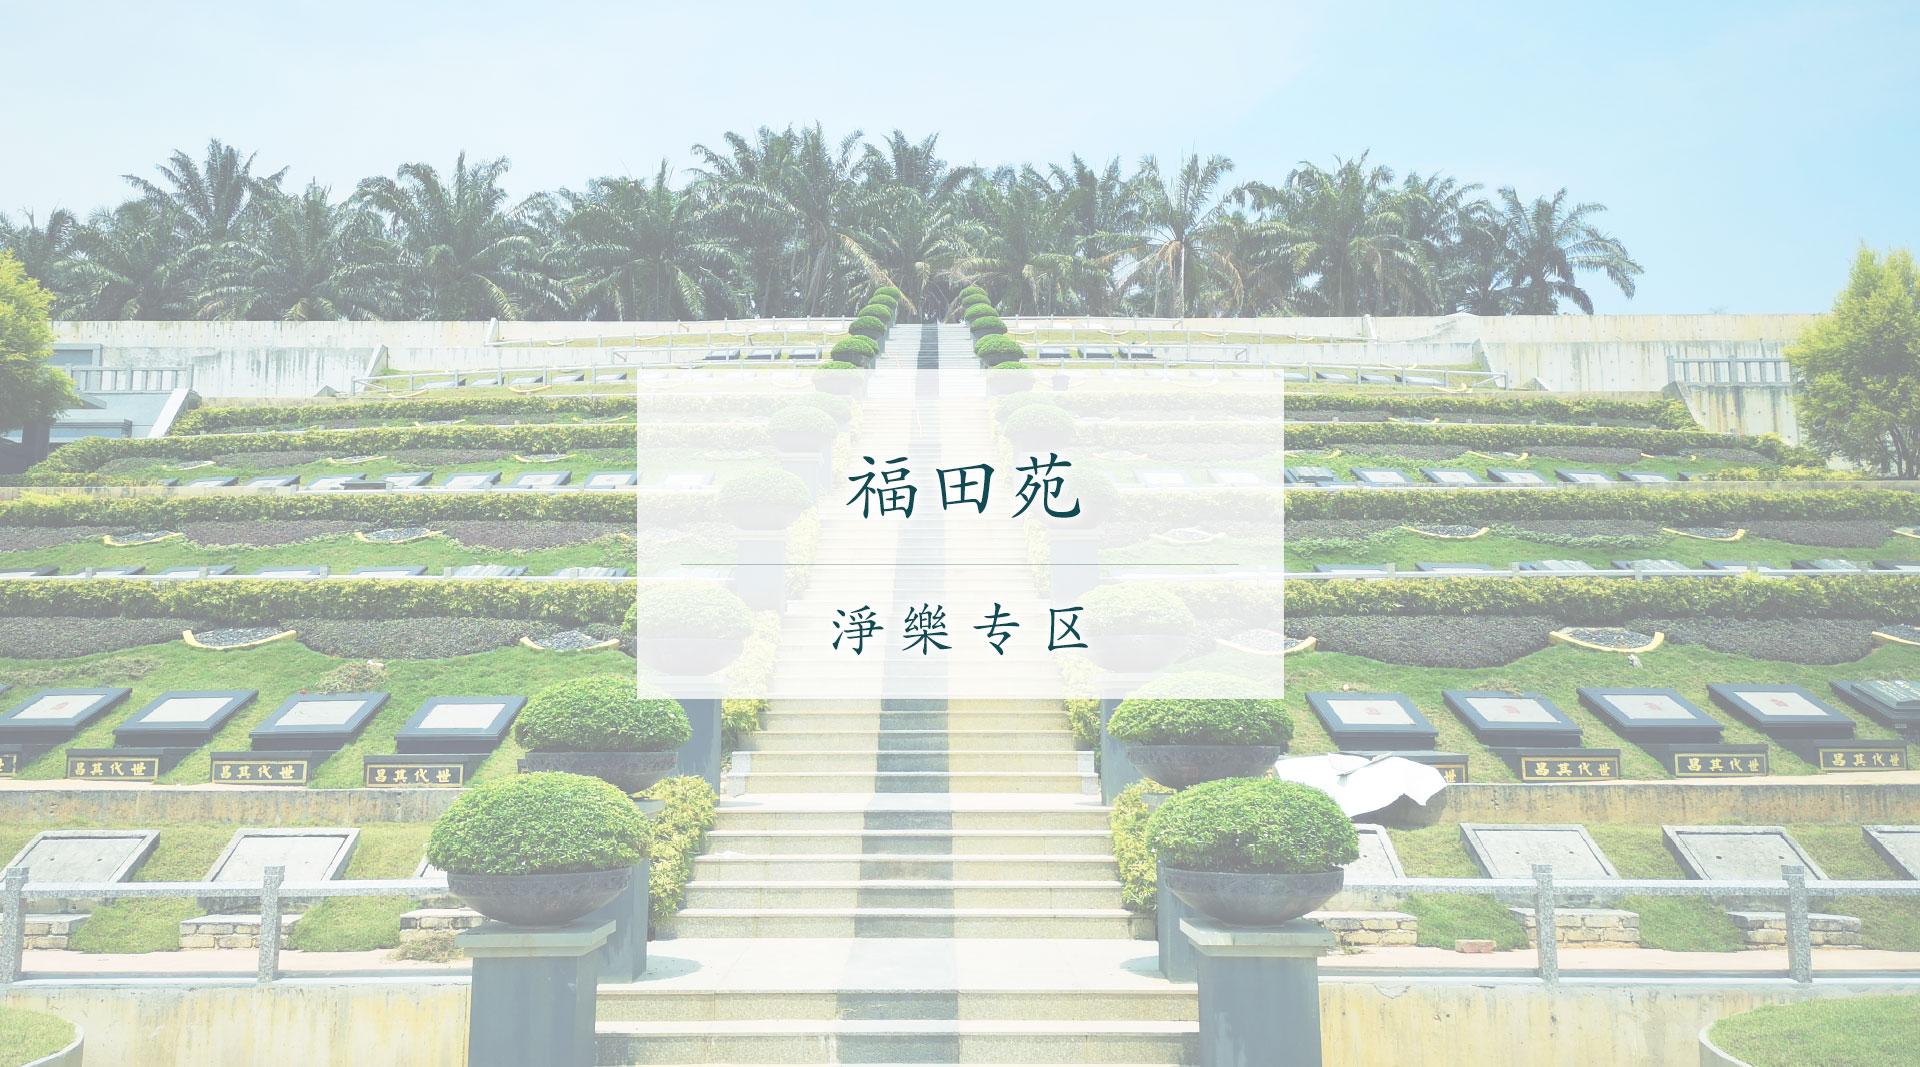 福田苑-home-pic-1-2